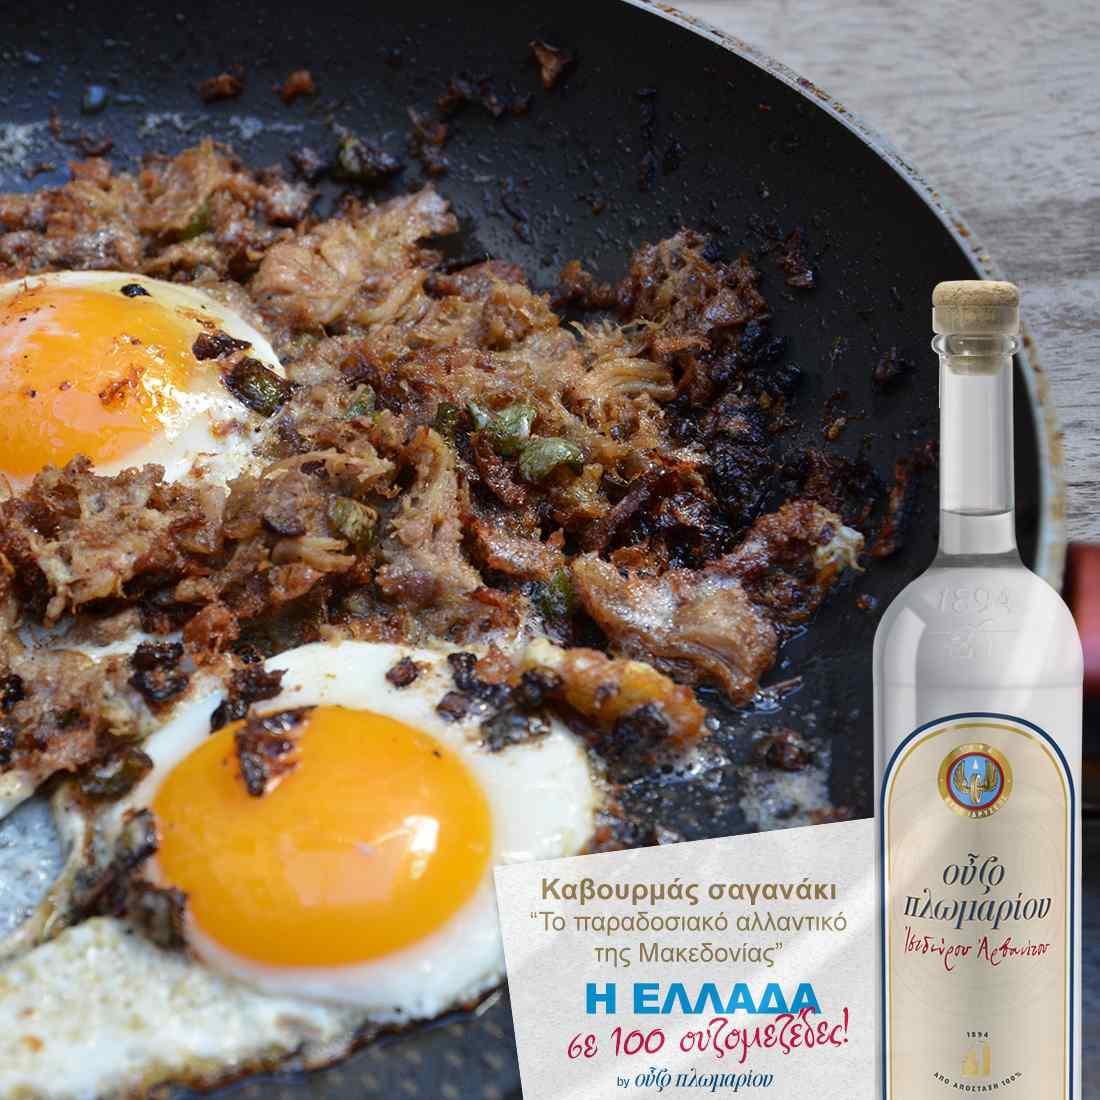 Καβουρμάς σαγανάκι - Ουζομεζέδες - Greek Gastronomy Guide